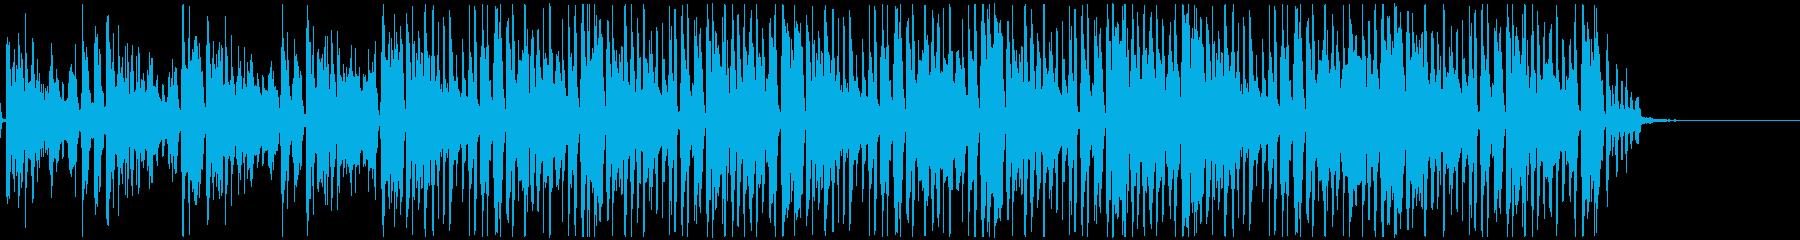 色っぽい/エロティック/クールなジャズの再生済みの波形